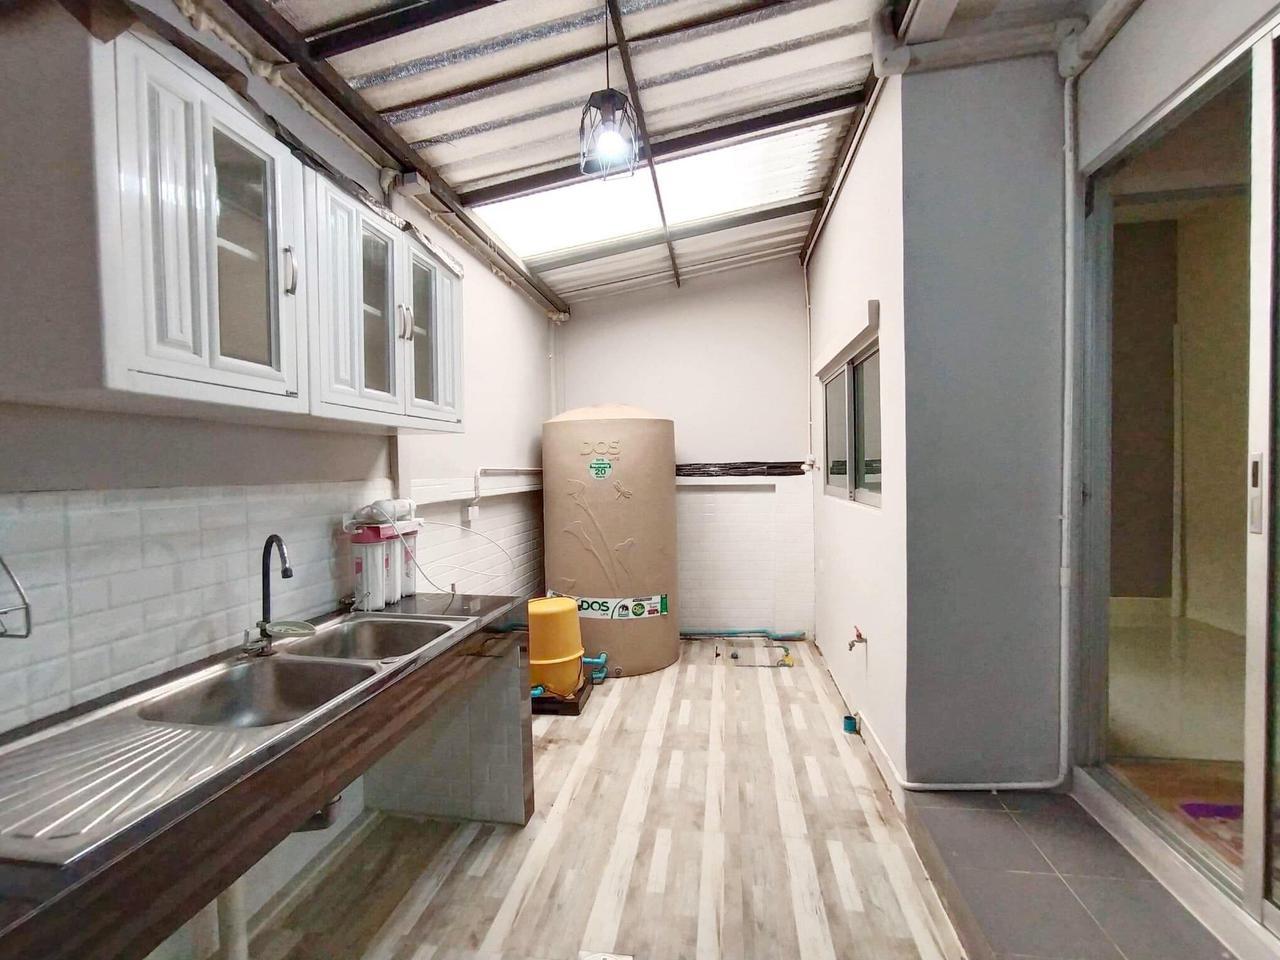 ขายเทาว์โฮม ขายบ้านมือสอง บ้านราคาถูก บ้านแปลงมุม บ้านมือสองสภาพดี รูปที่ 6